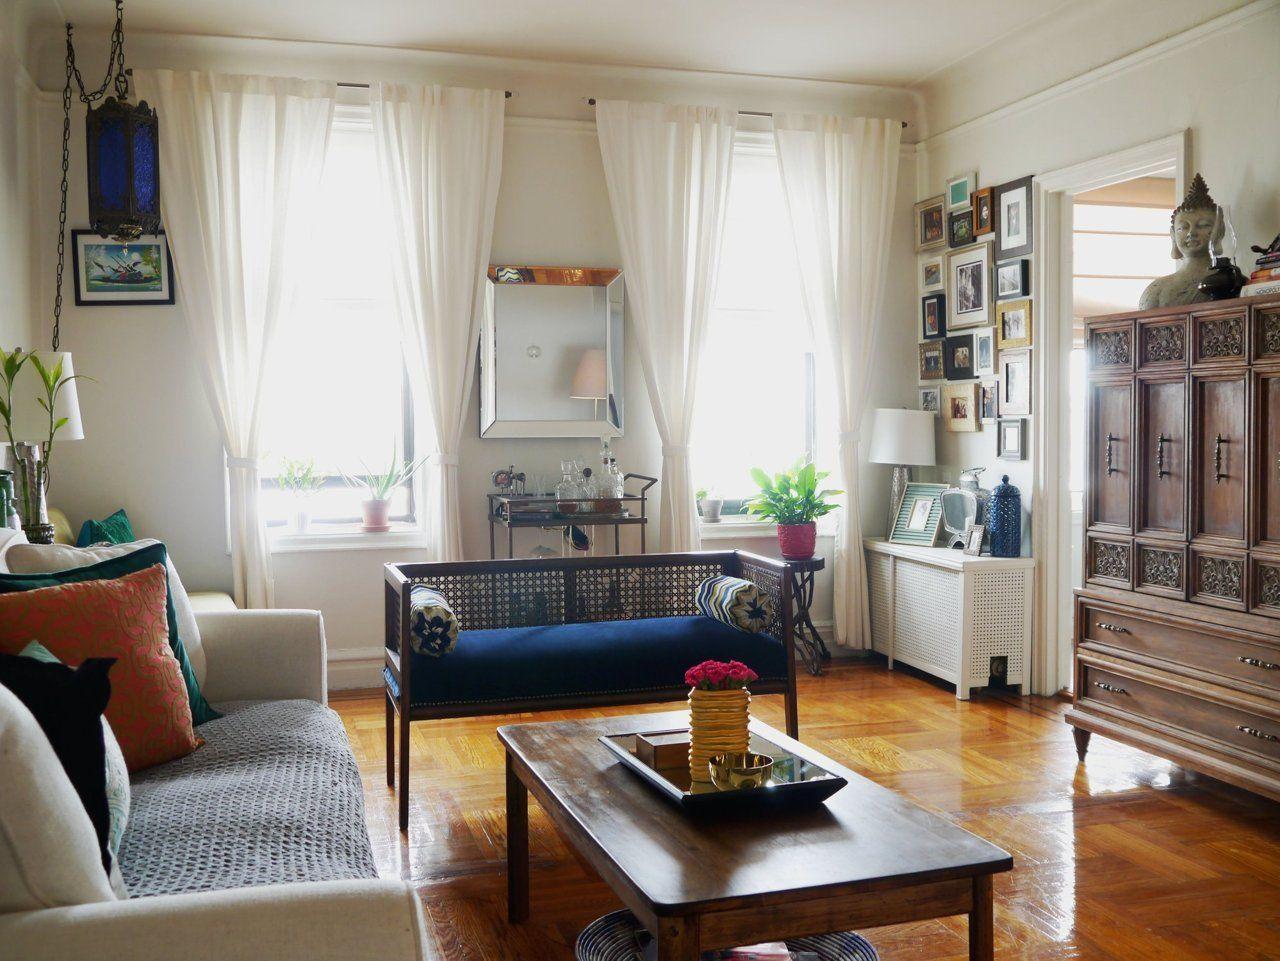 Brandi S Antique Chic Prewar Brooklyn Apartment Apartment Interior Design Living Room Design Inspiration Apartment Interior